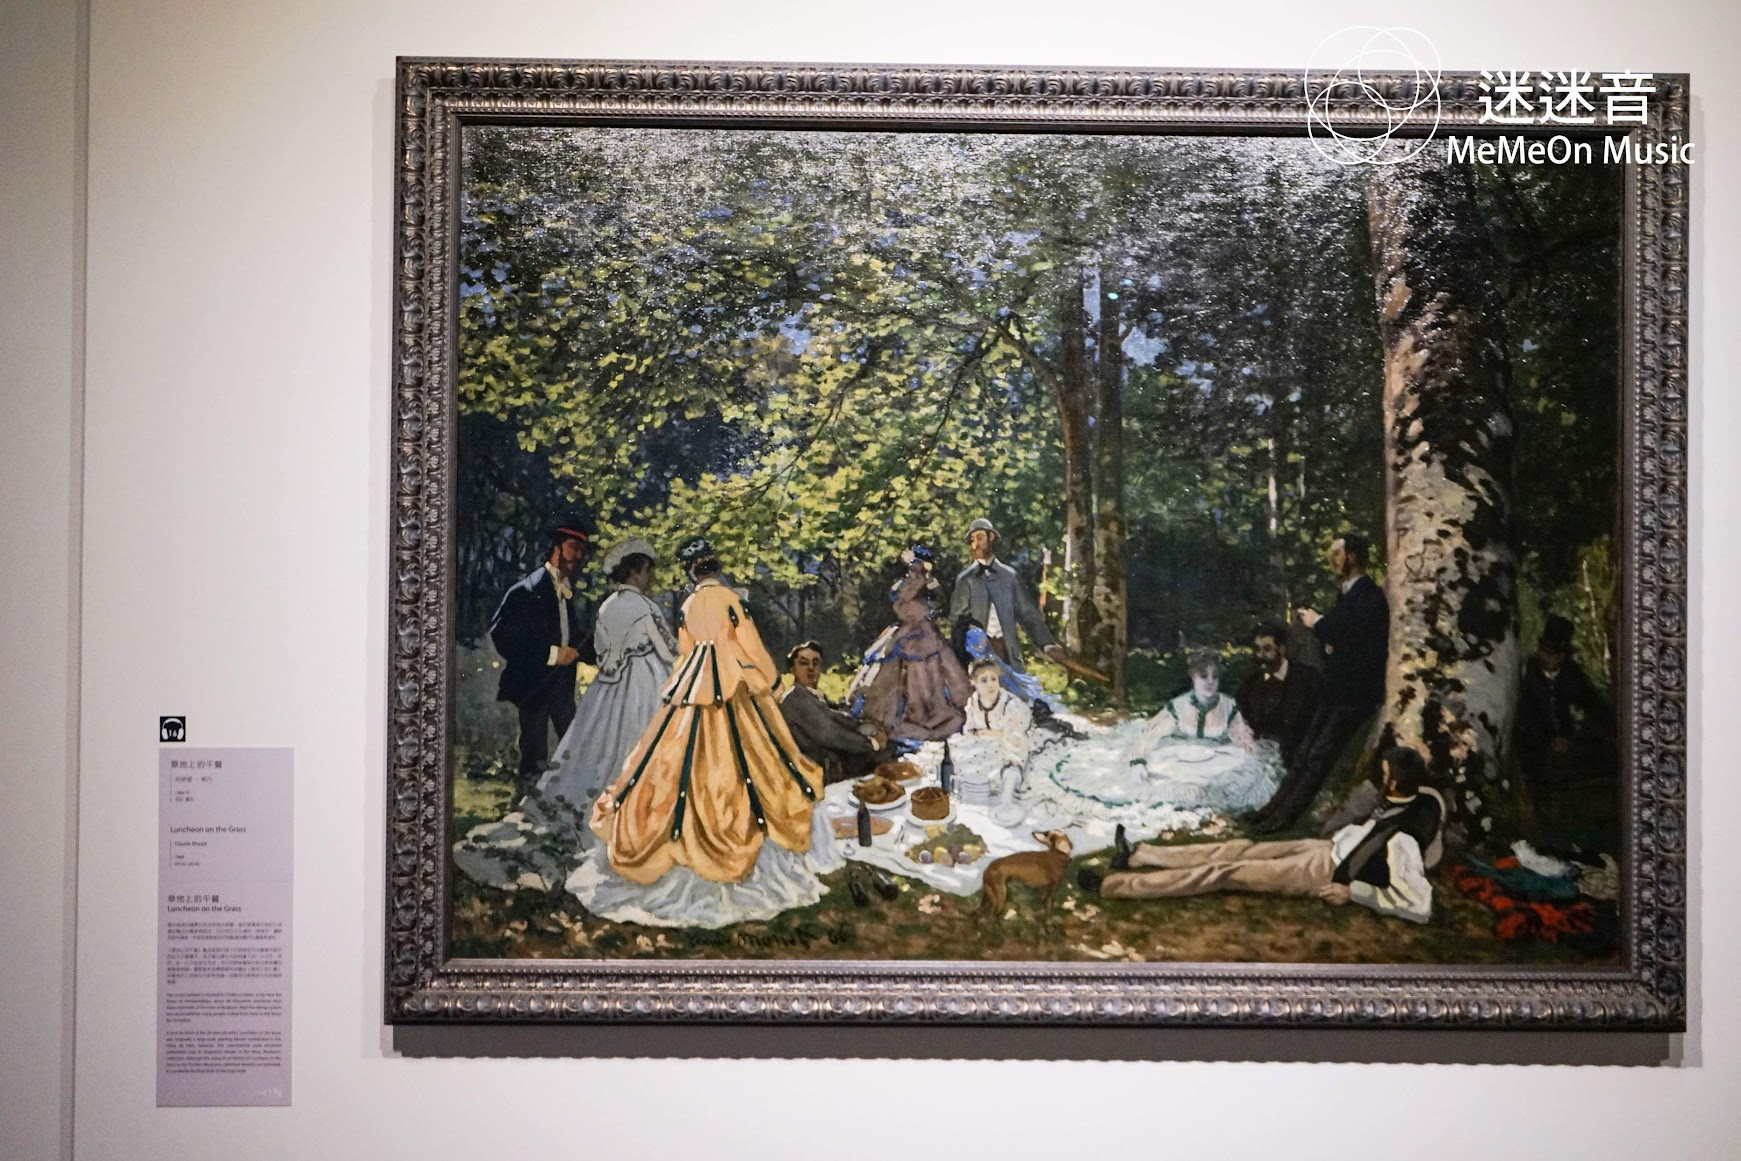 [迷迷展覽] 俄羅斯普希金博物館特展開幕 莫內、雷諾瓦、盧梭……48位大師名作一次看